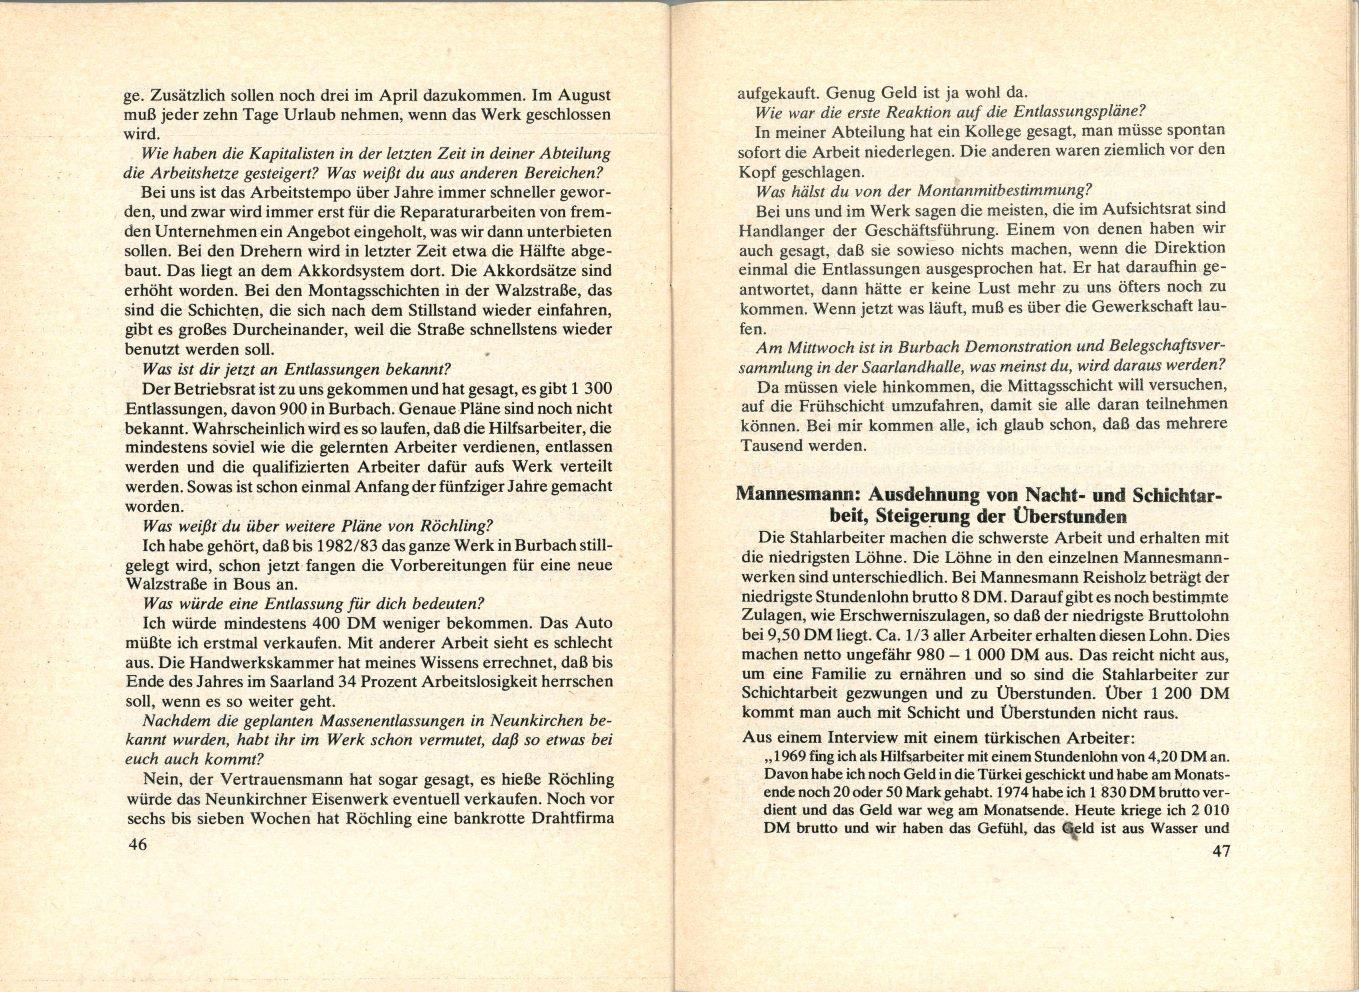 IGM_KBW_Krise_in_der_Stahlindustrie_1977_25